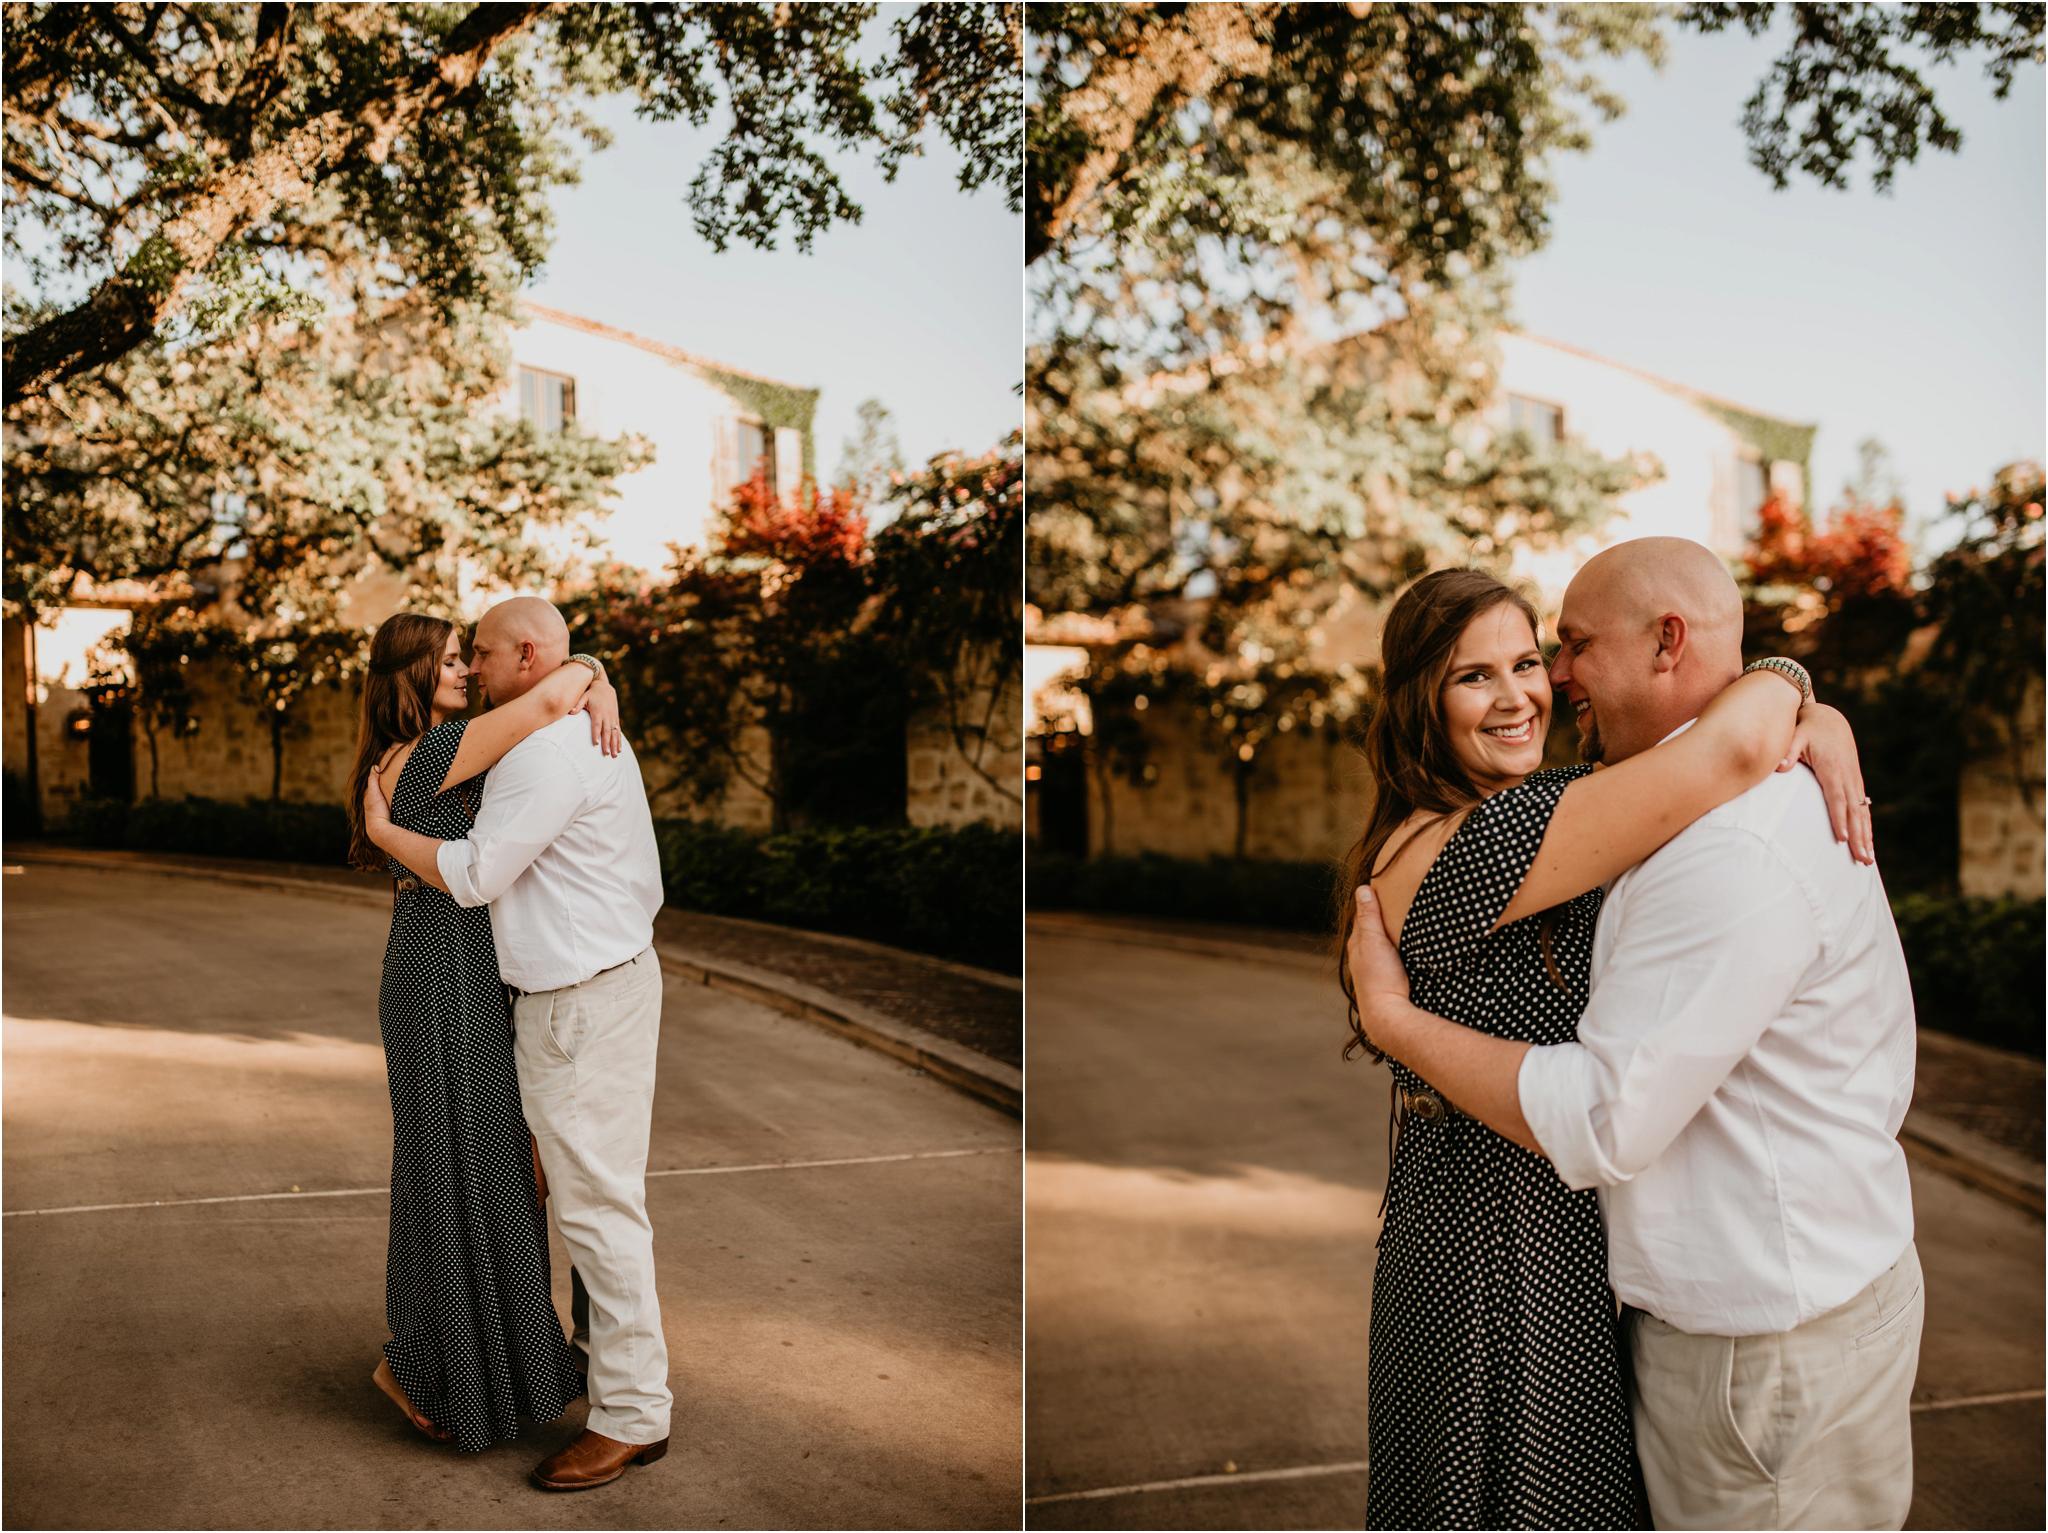 katie-and-eric-houston-oaks-engagement-session-houston-wedding-photographer-022.jpg